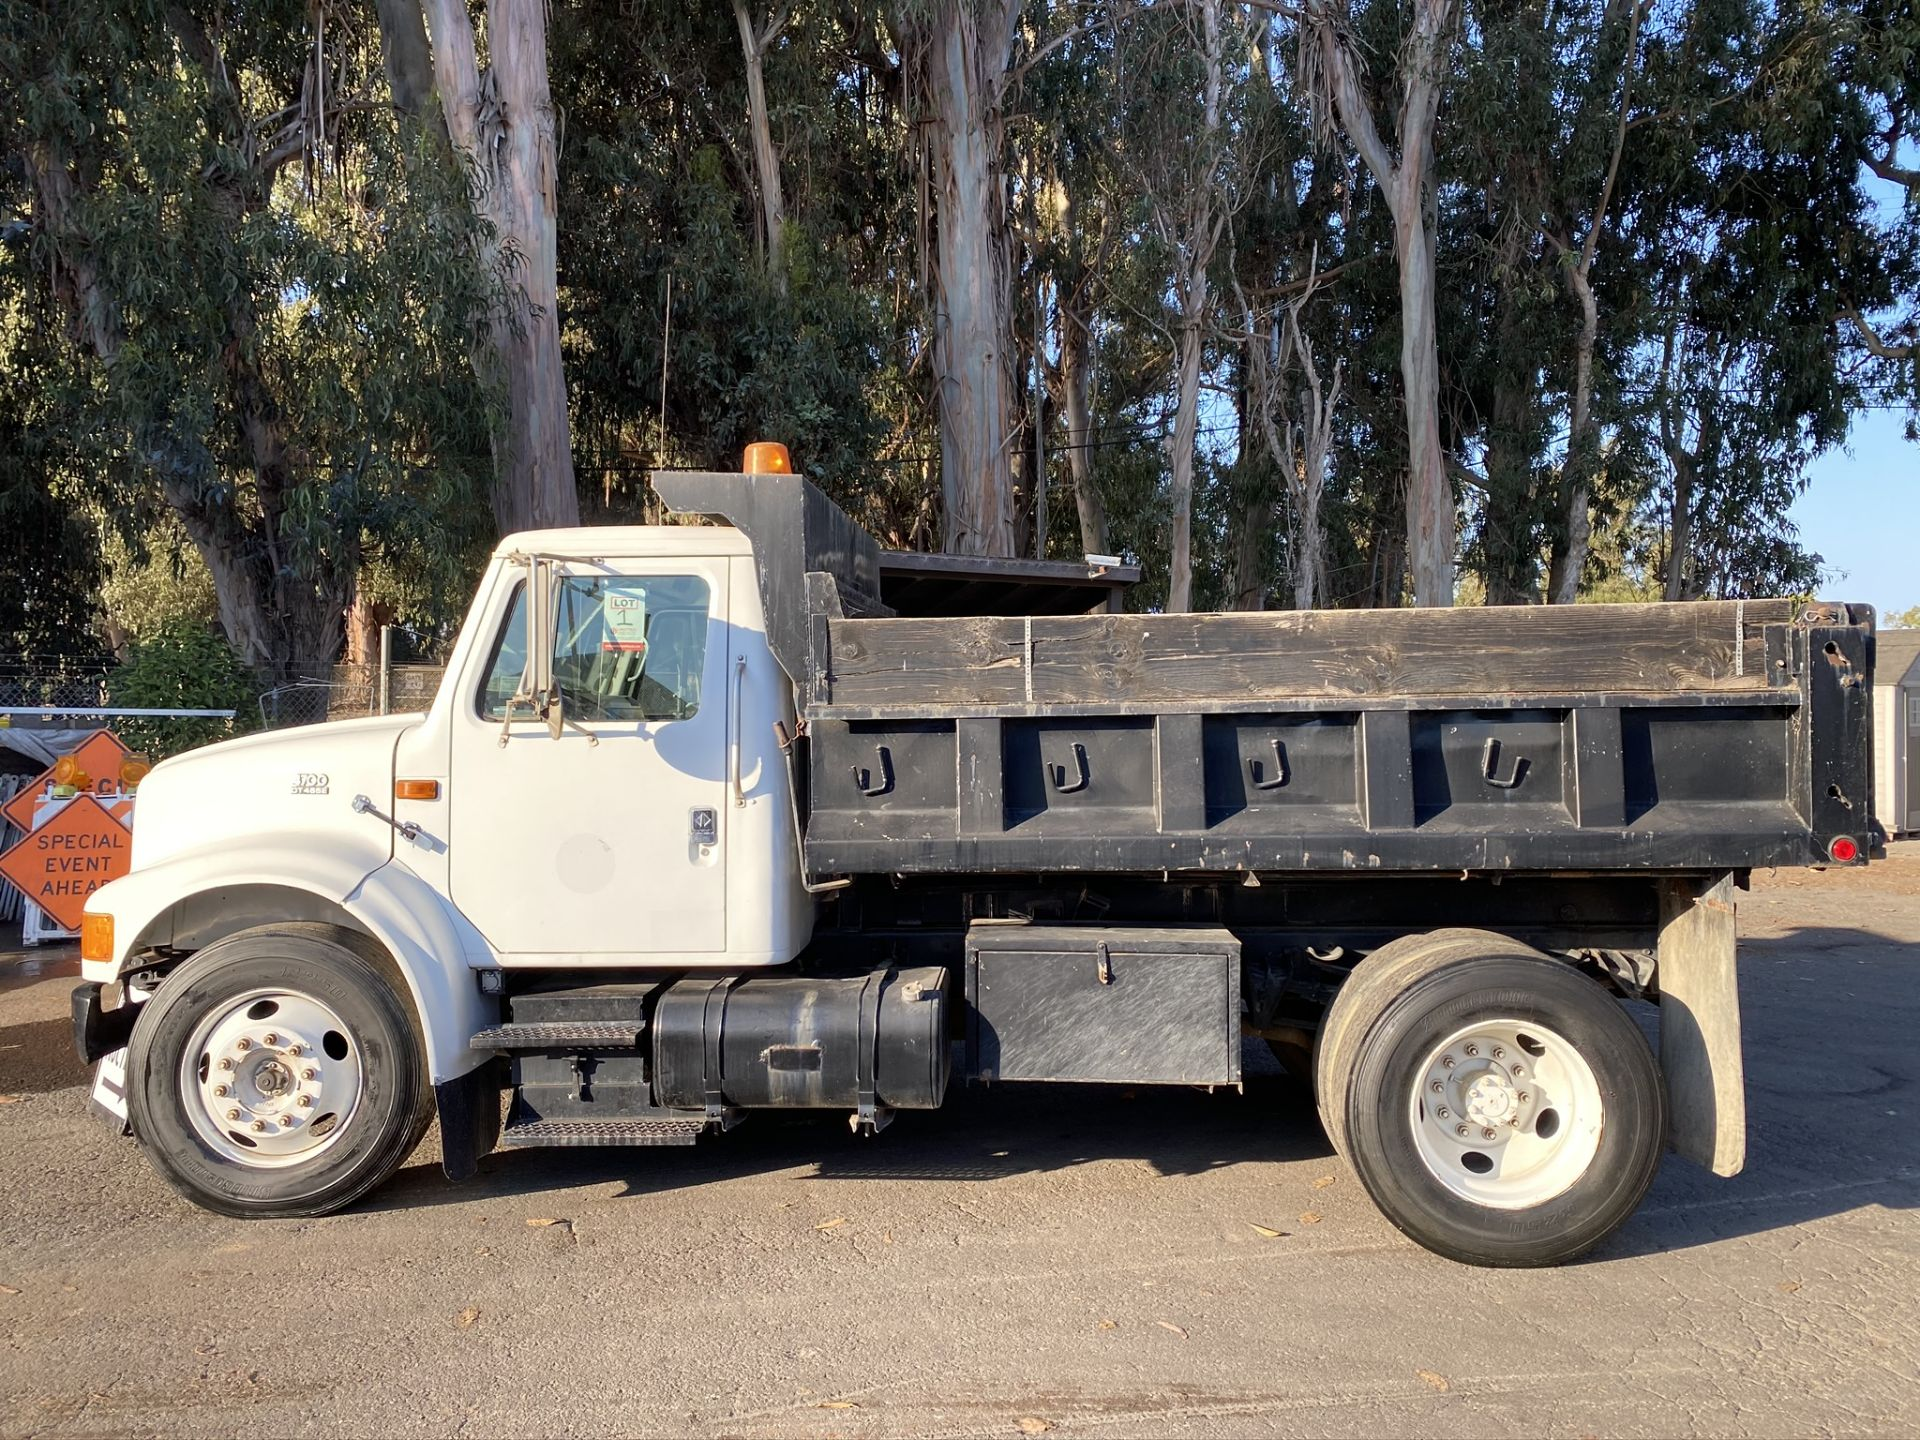 1999 INTERNATIONAL 4700 MODEL DT466E DUMP TRUCK, ODOMETER 231,465 MILES, VIN: 1HTSCAAM4XH687456 - Image 2 of 13